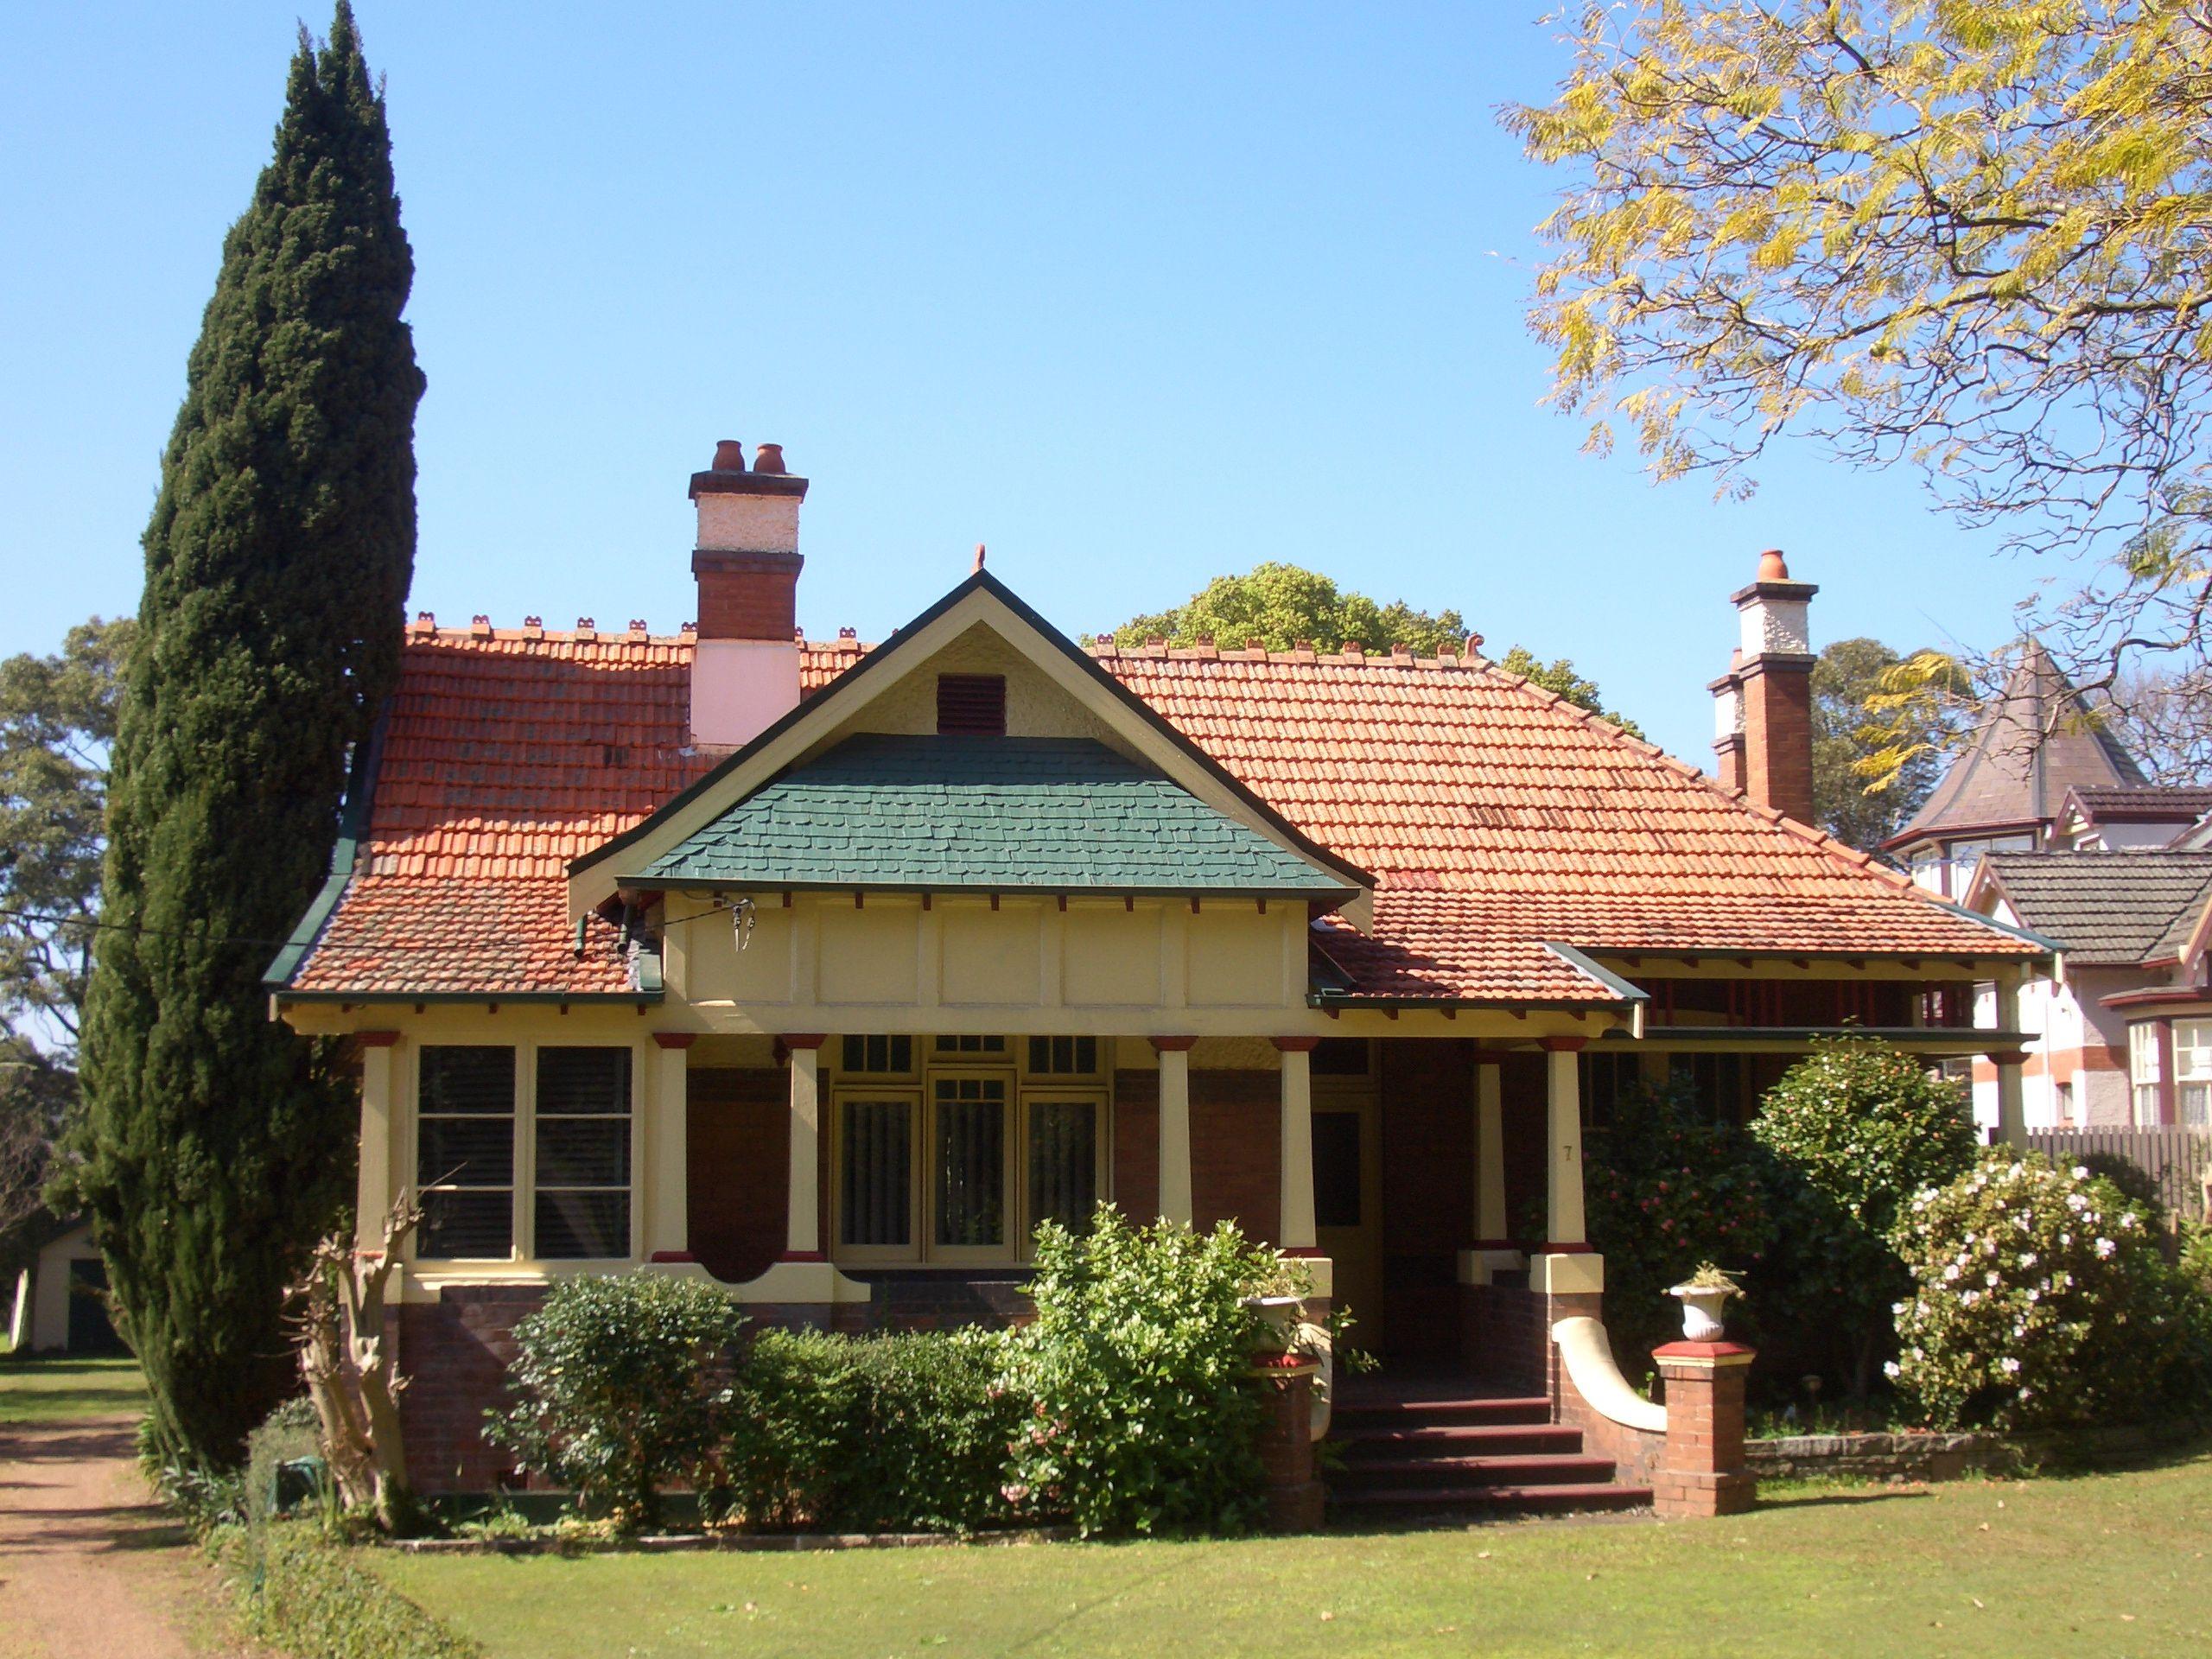 фотографии старинные дома австралии отличие